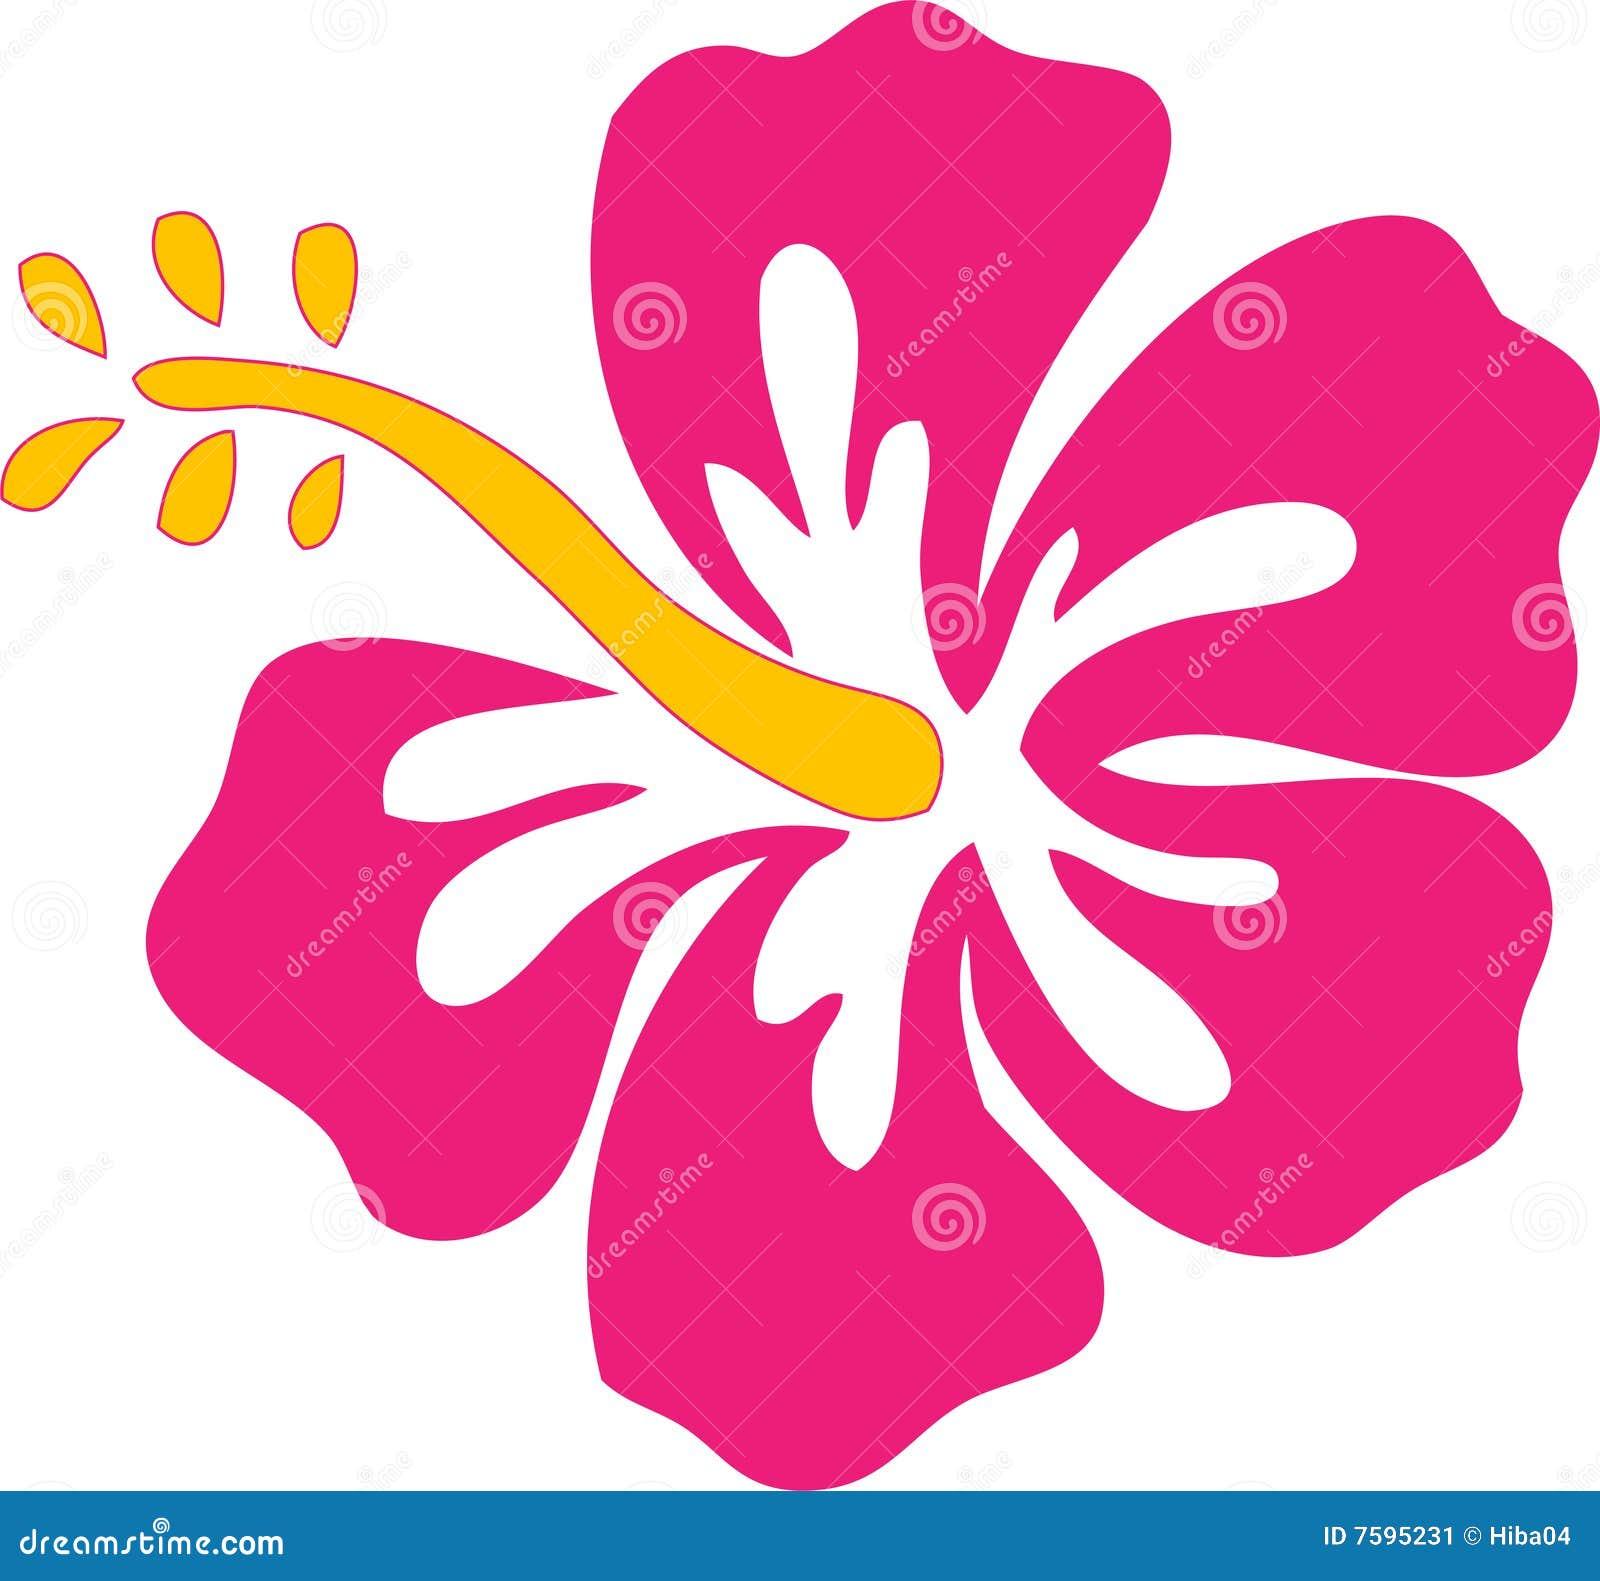 Pink Hibiscus Flower Cartoon Vector Cartoondealercom 7595231